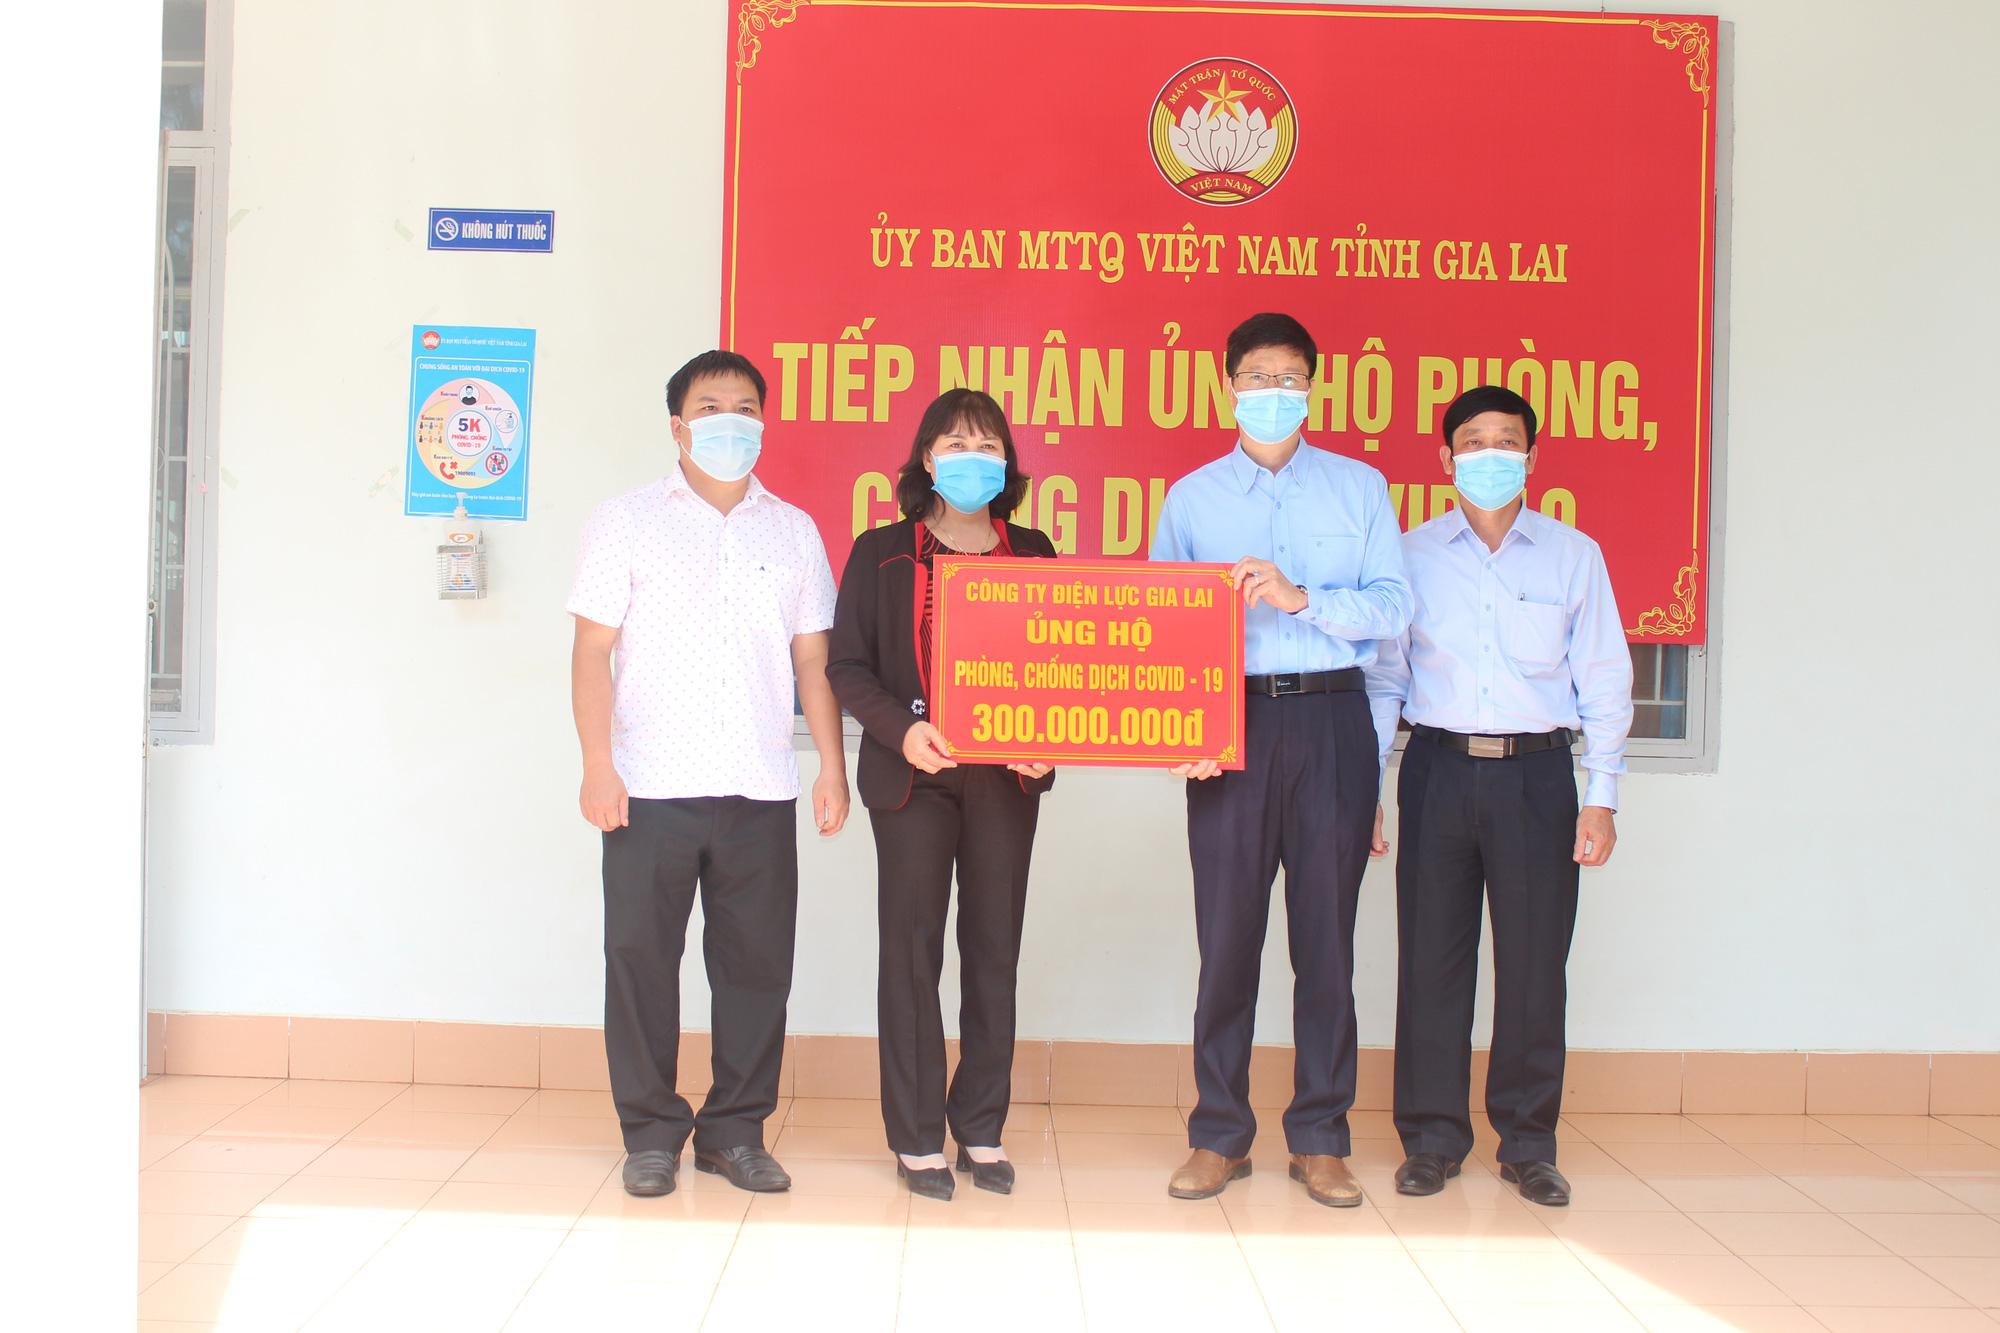 PC Gia Lai ủng hộ quỹ vắc xin phòng, chống dịch Covid-19 300 triệu đồng - Ảnh 1.